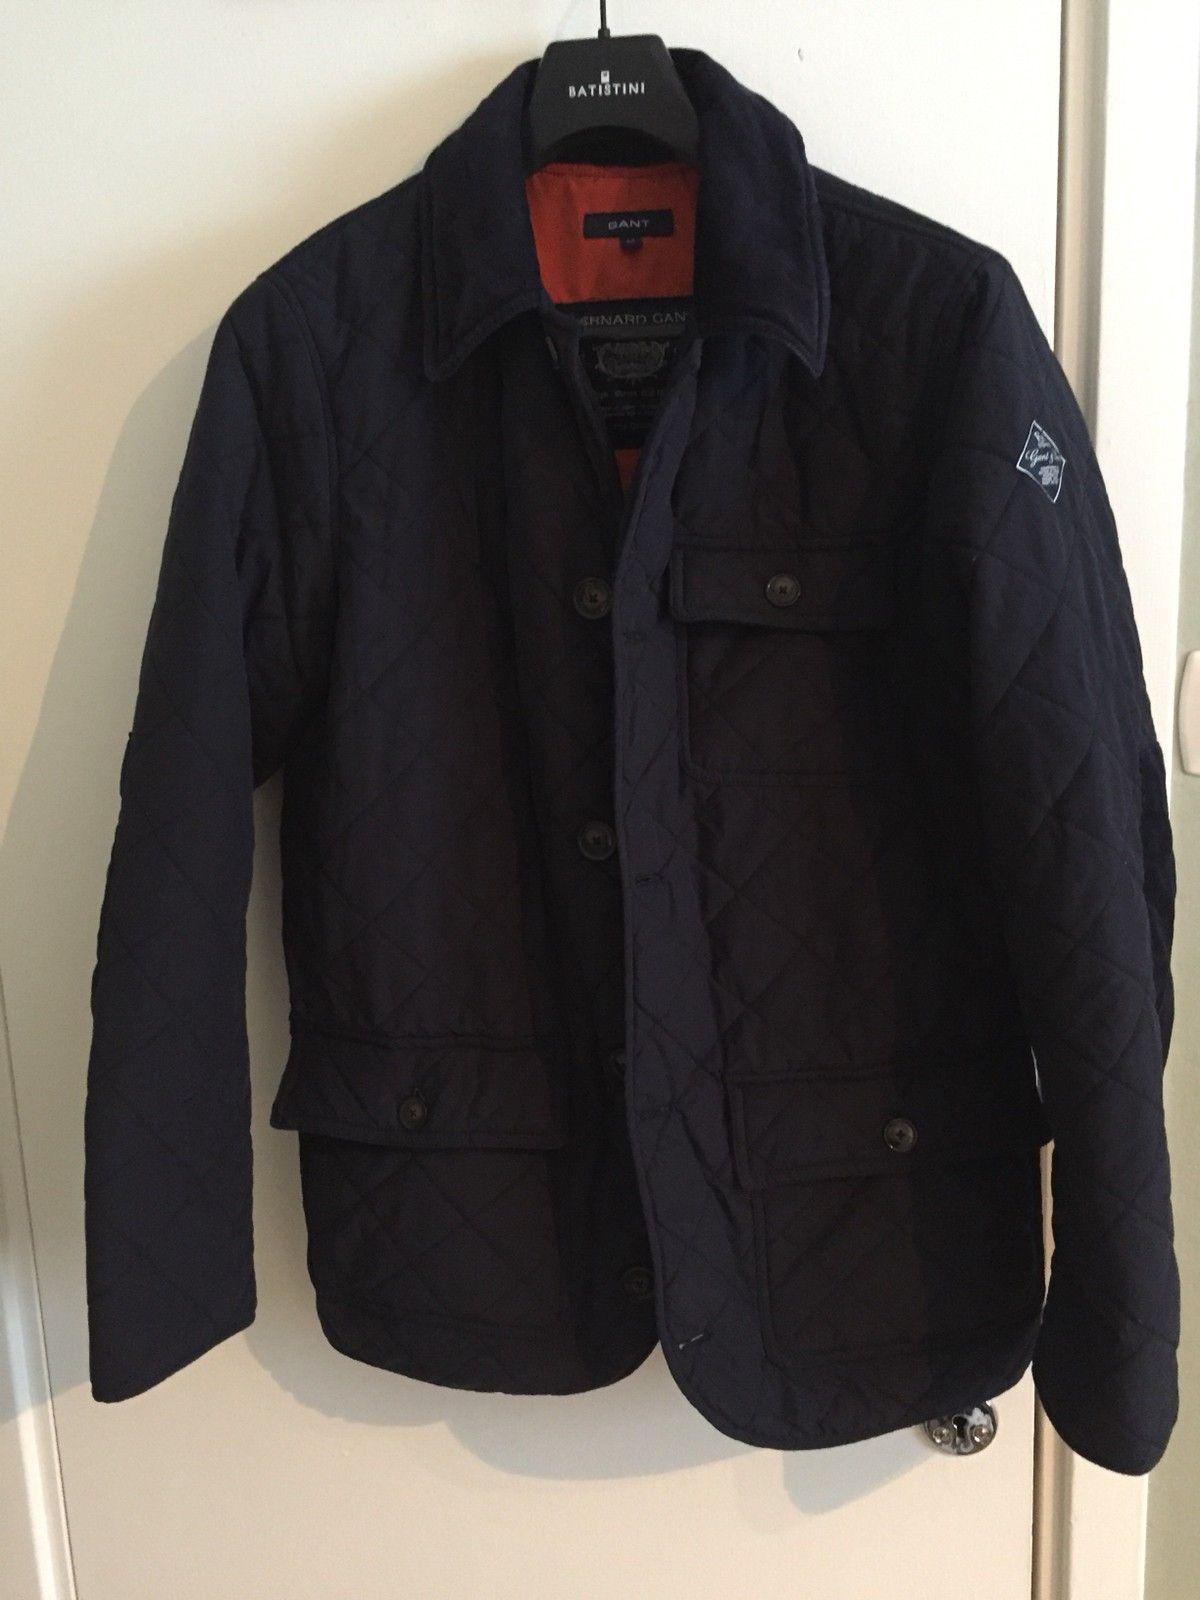 Gant herre jakke 3 i 1 | FINN.no